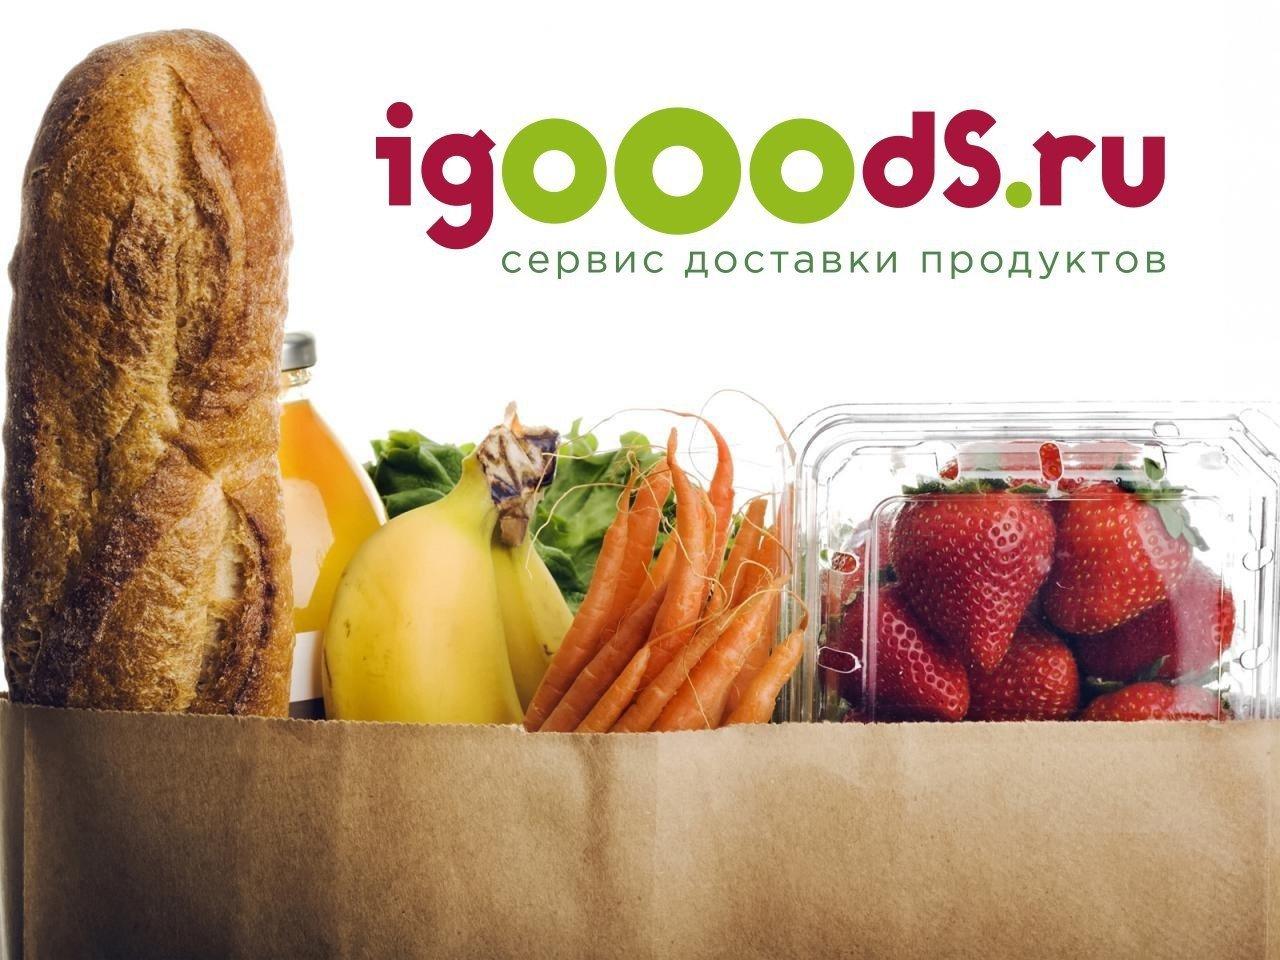 Сервис IGooods зарегистрировал новый товарный знак